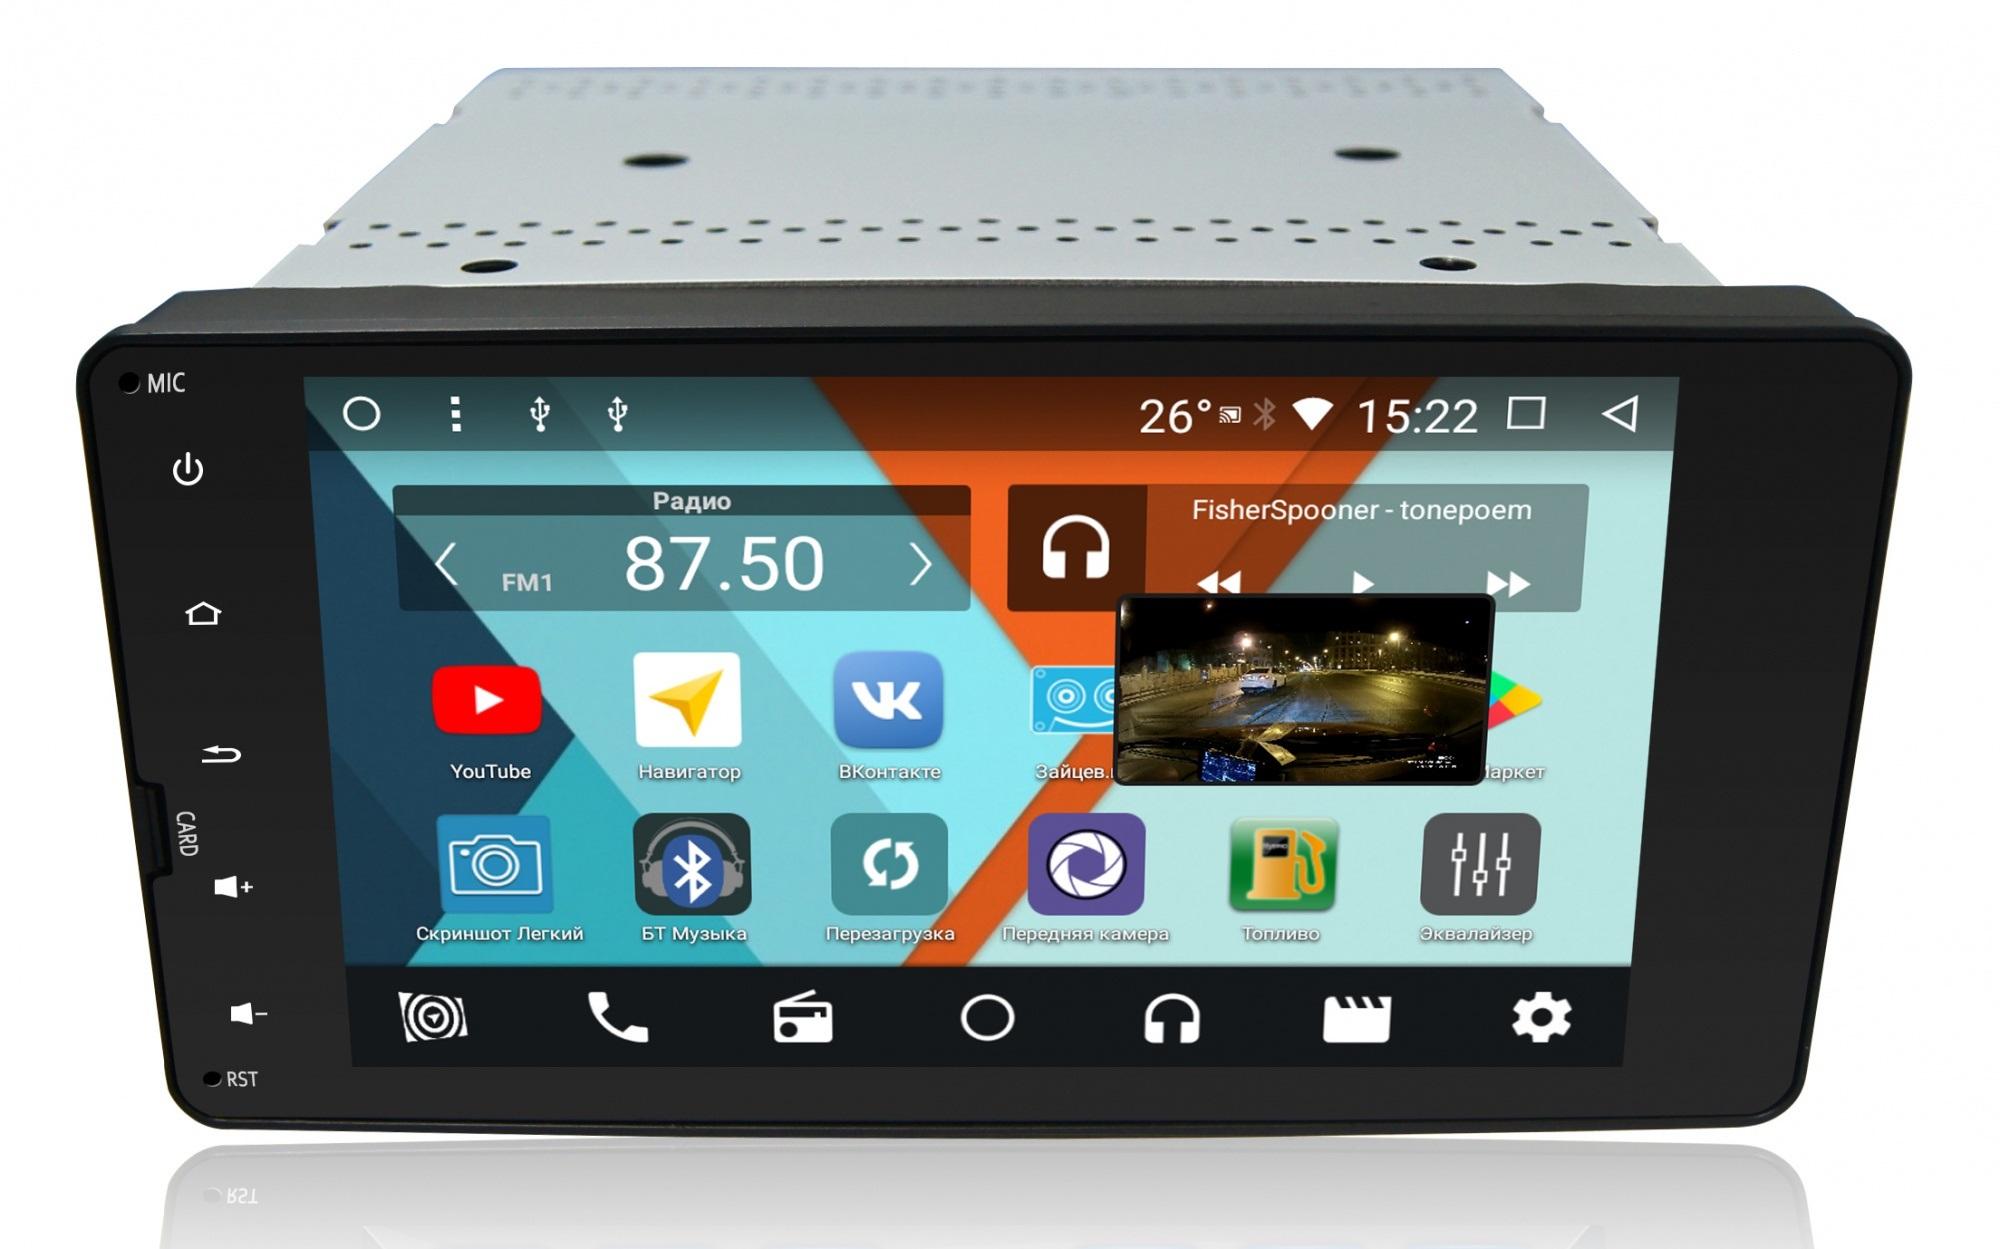 Штатная магнитола Parafar с IPS матрицей для Mitsubishi Outlander 2013+, Pajero 2013+, Lancer 2013+, ASX 2013+ на Android 7.1.2 (PF230K7) (+ Камера заднего вида в подарок!)